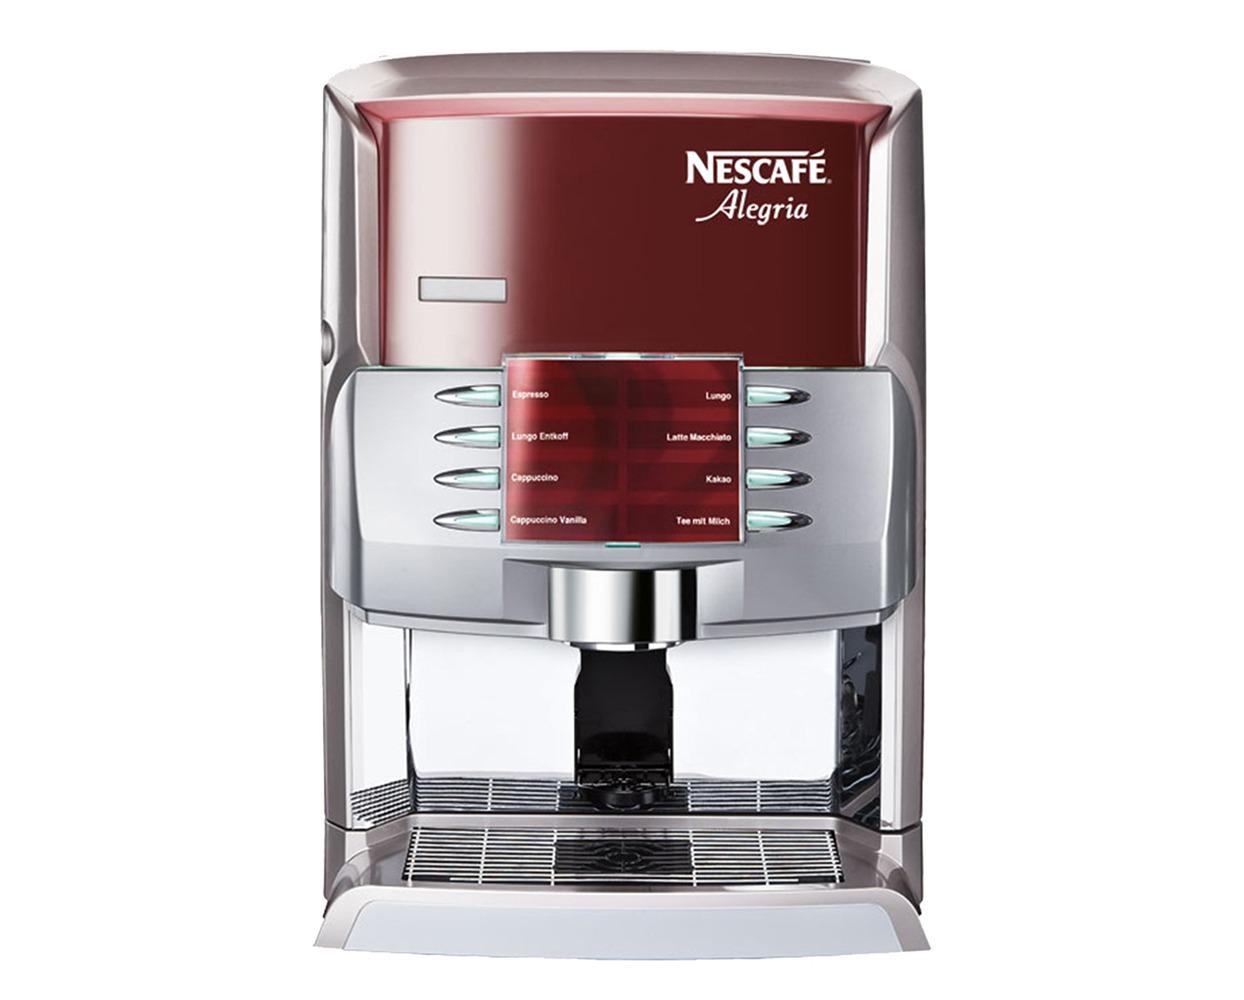 Nescafe Alegria Executive Vendingexecutive Vending